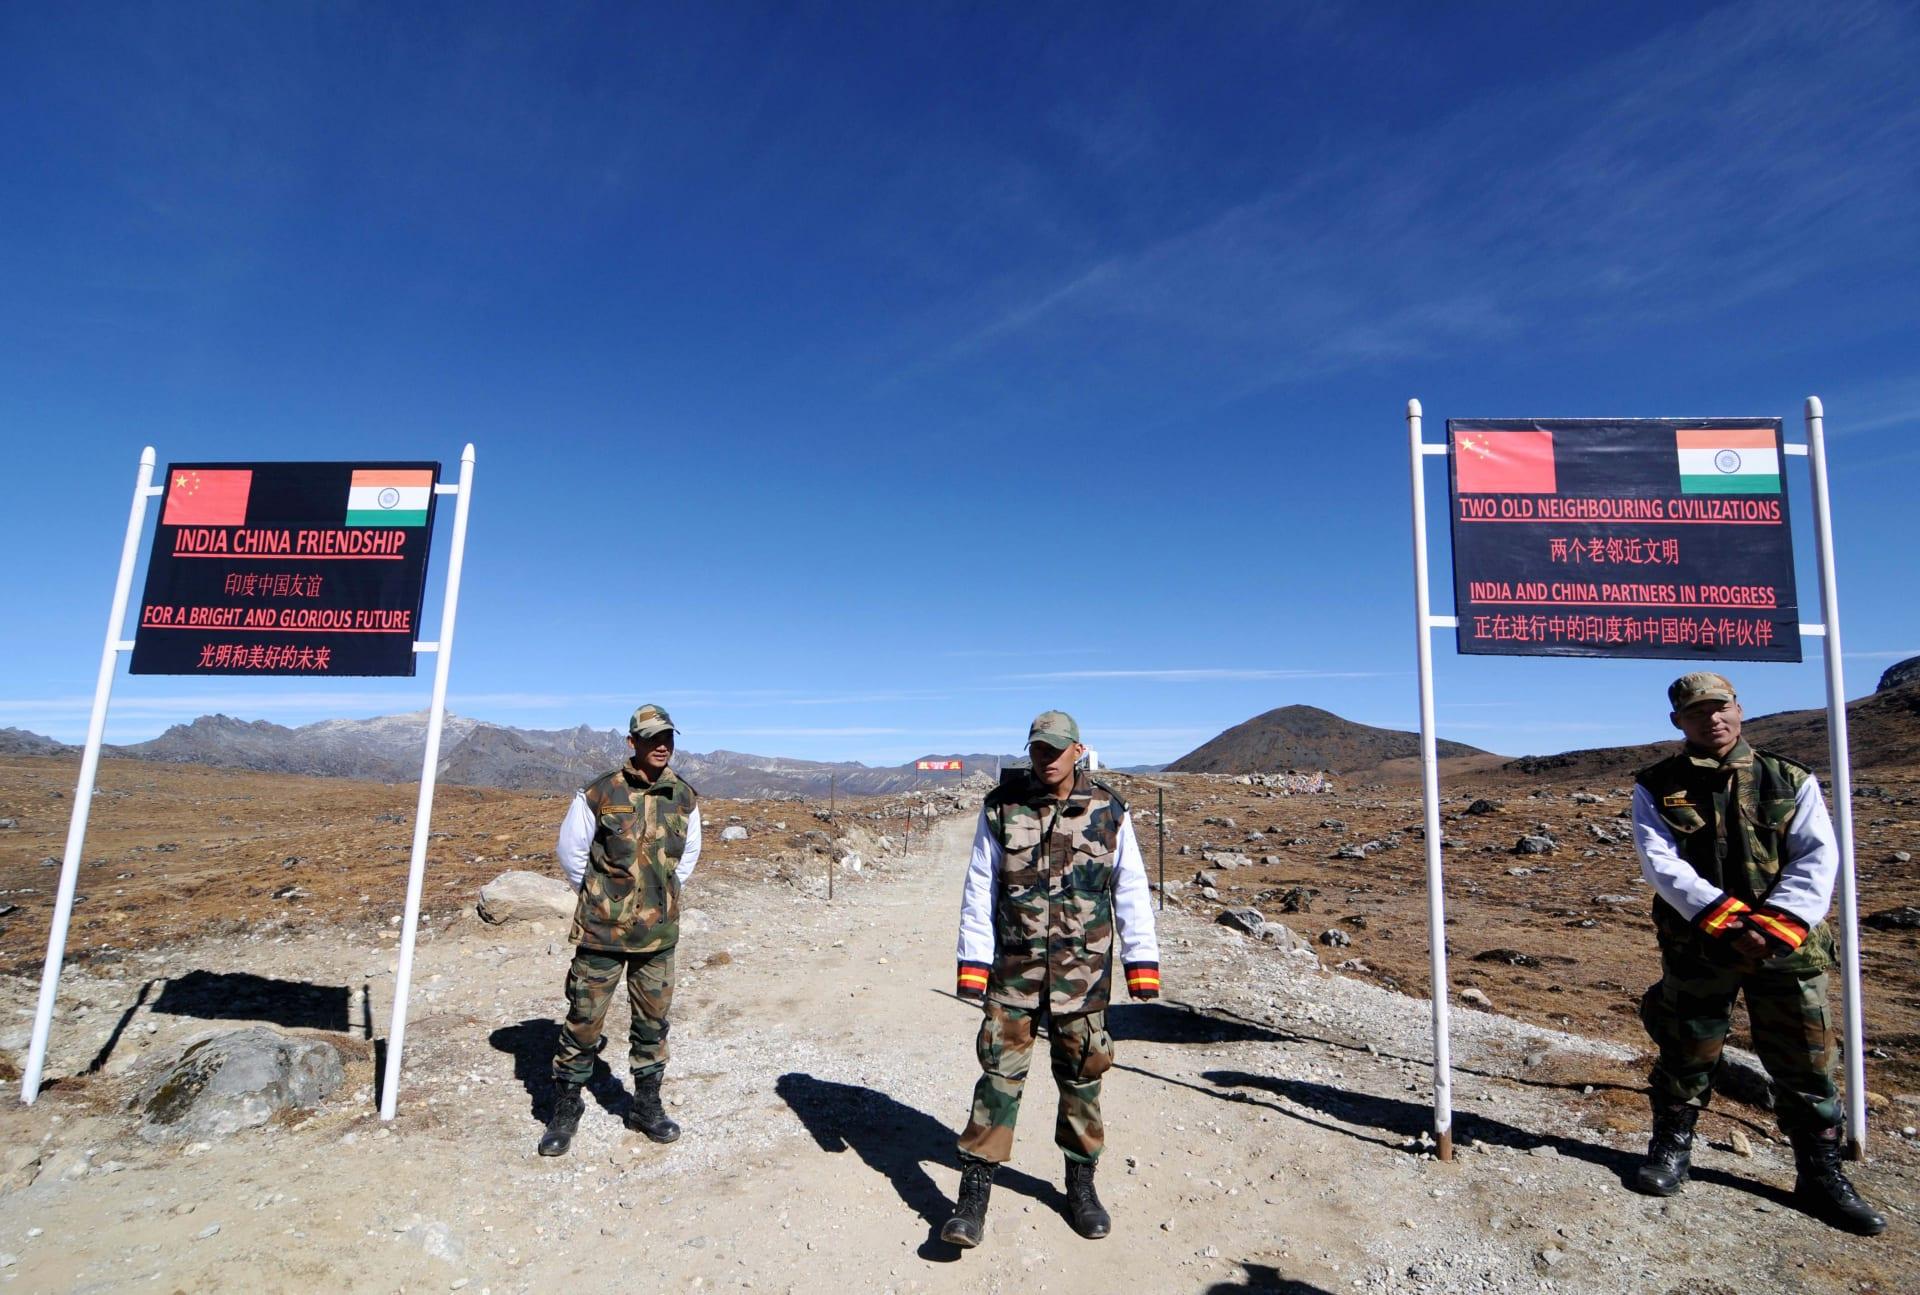 اشتباكات في المنطقة الحدودية المتنازع عليها بين الهند والصين